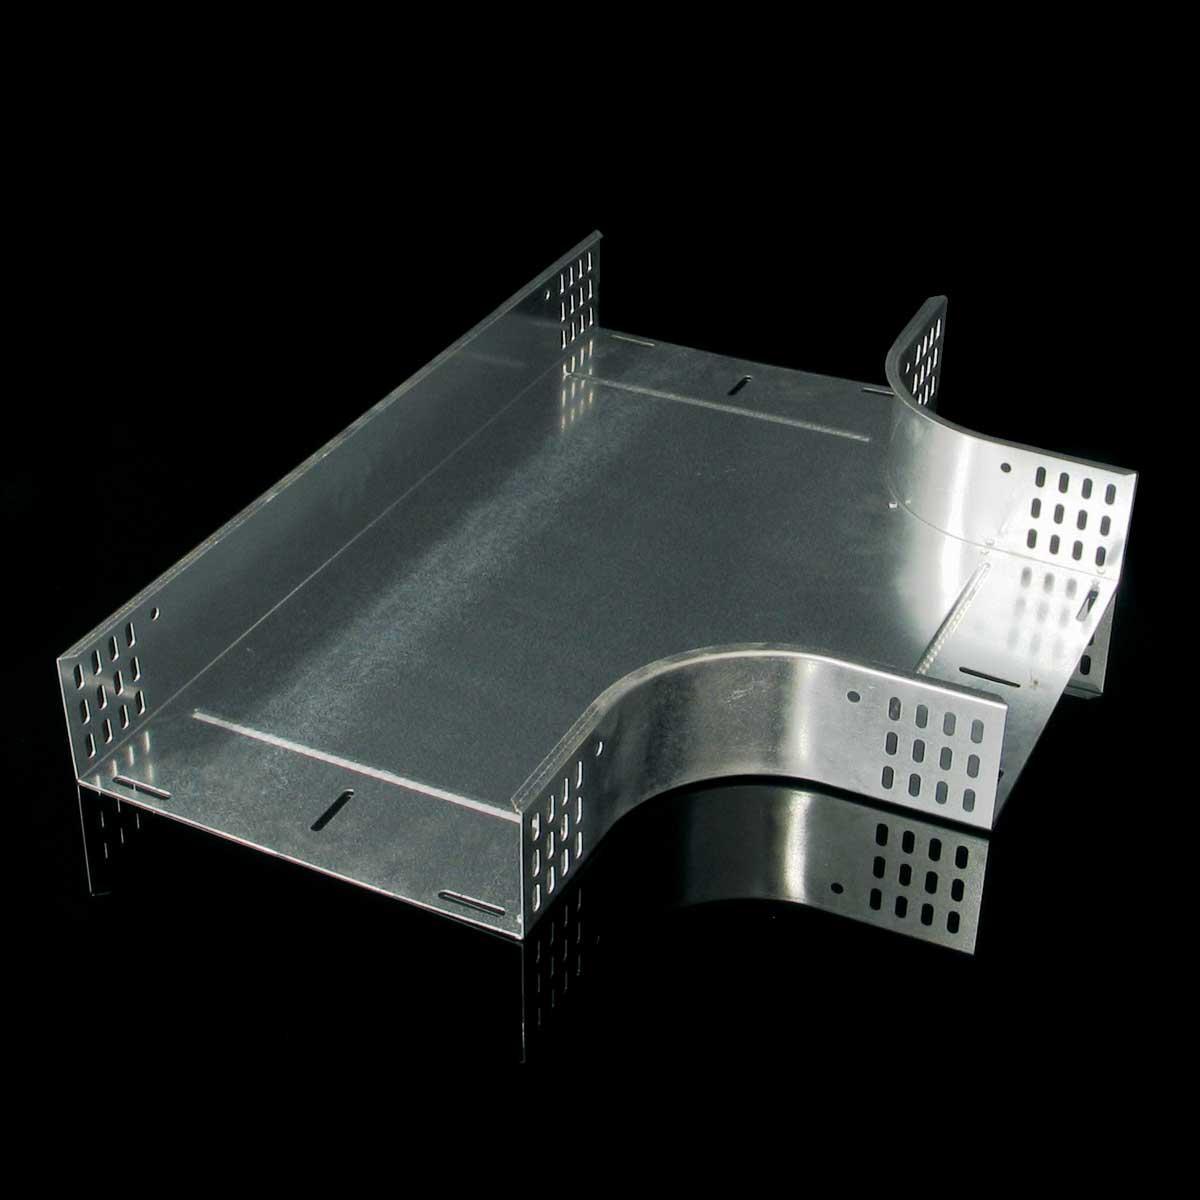 Відгалужувач горизонтальний Т-подібний JUPITER; розміри-35x600x800mm Товщ. метал-1,2 Вага-4,8кг/м